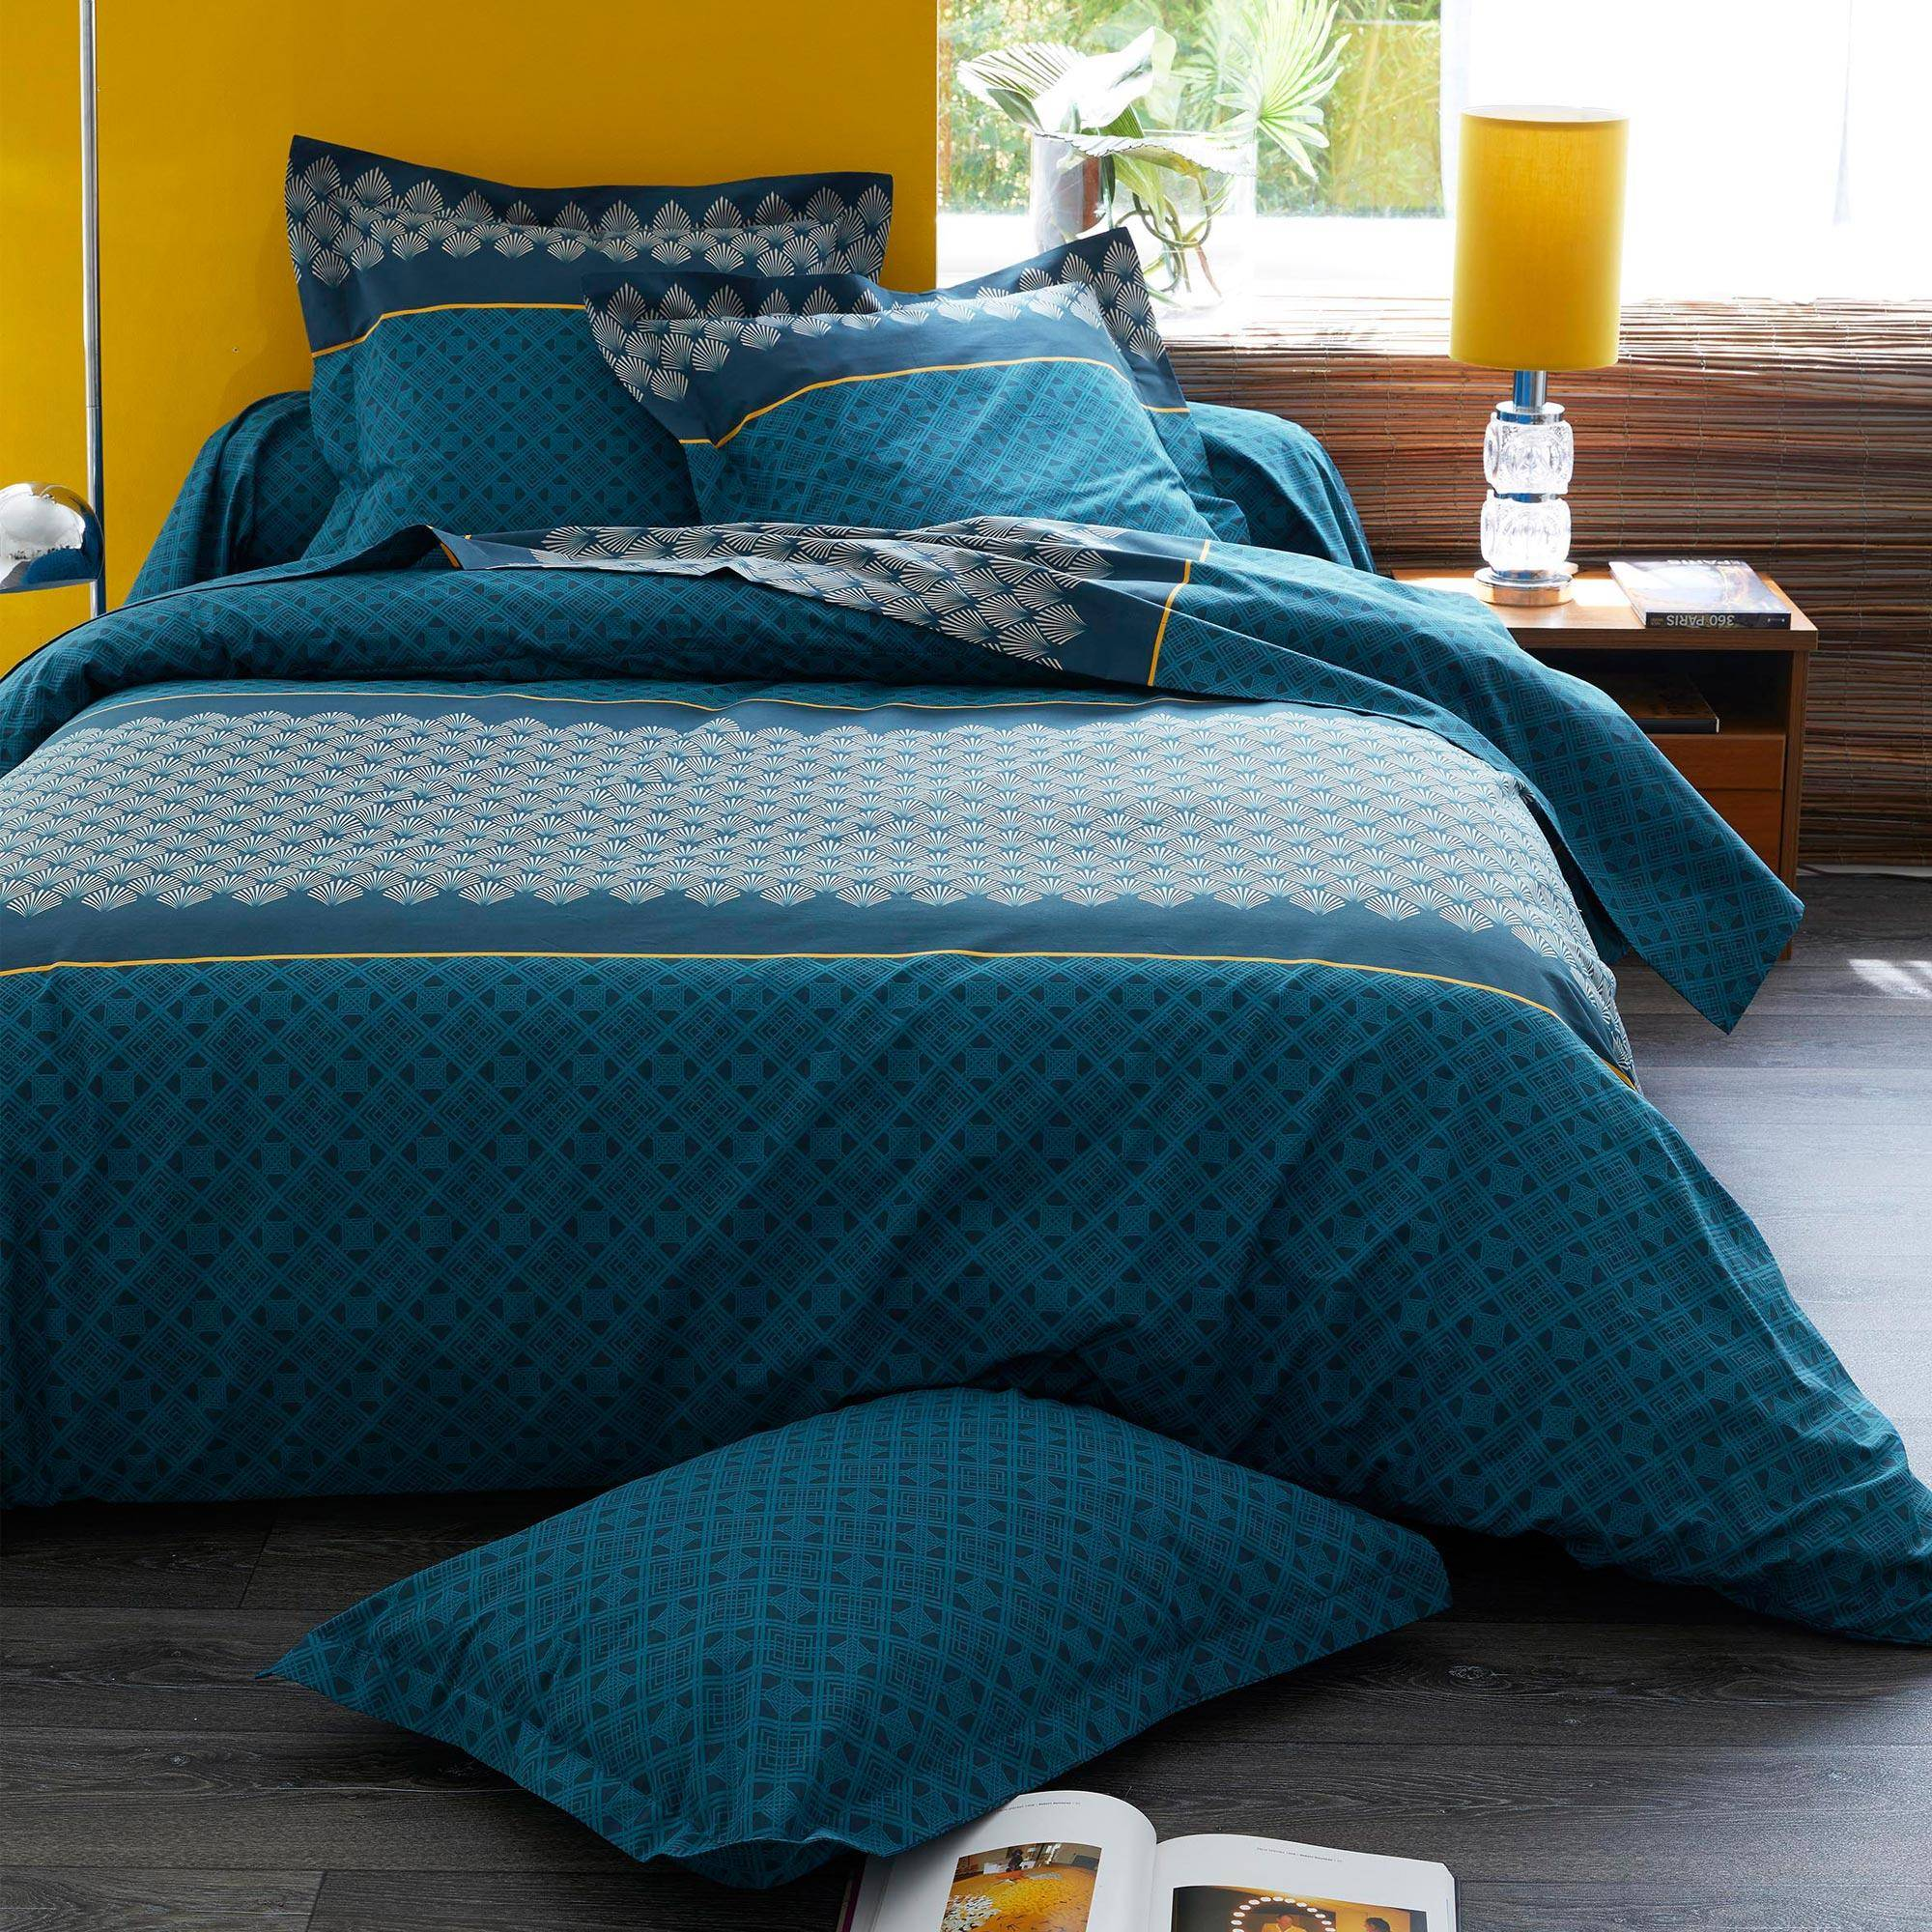 Linnea Housse de couette 140x200 cm 100% coton TALISMAN bleu Paon